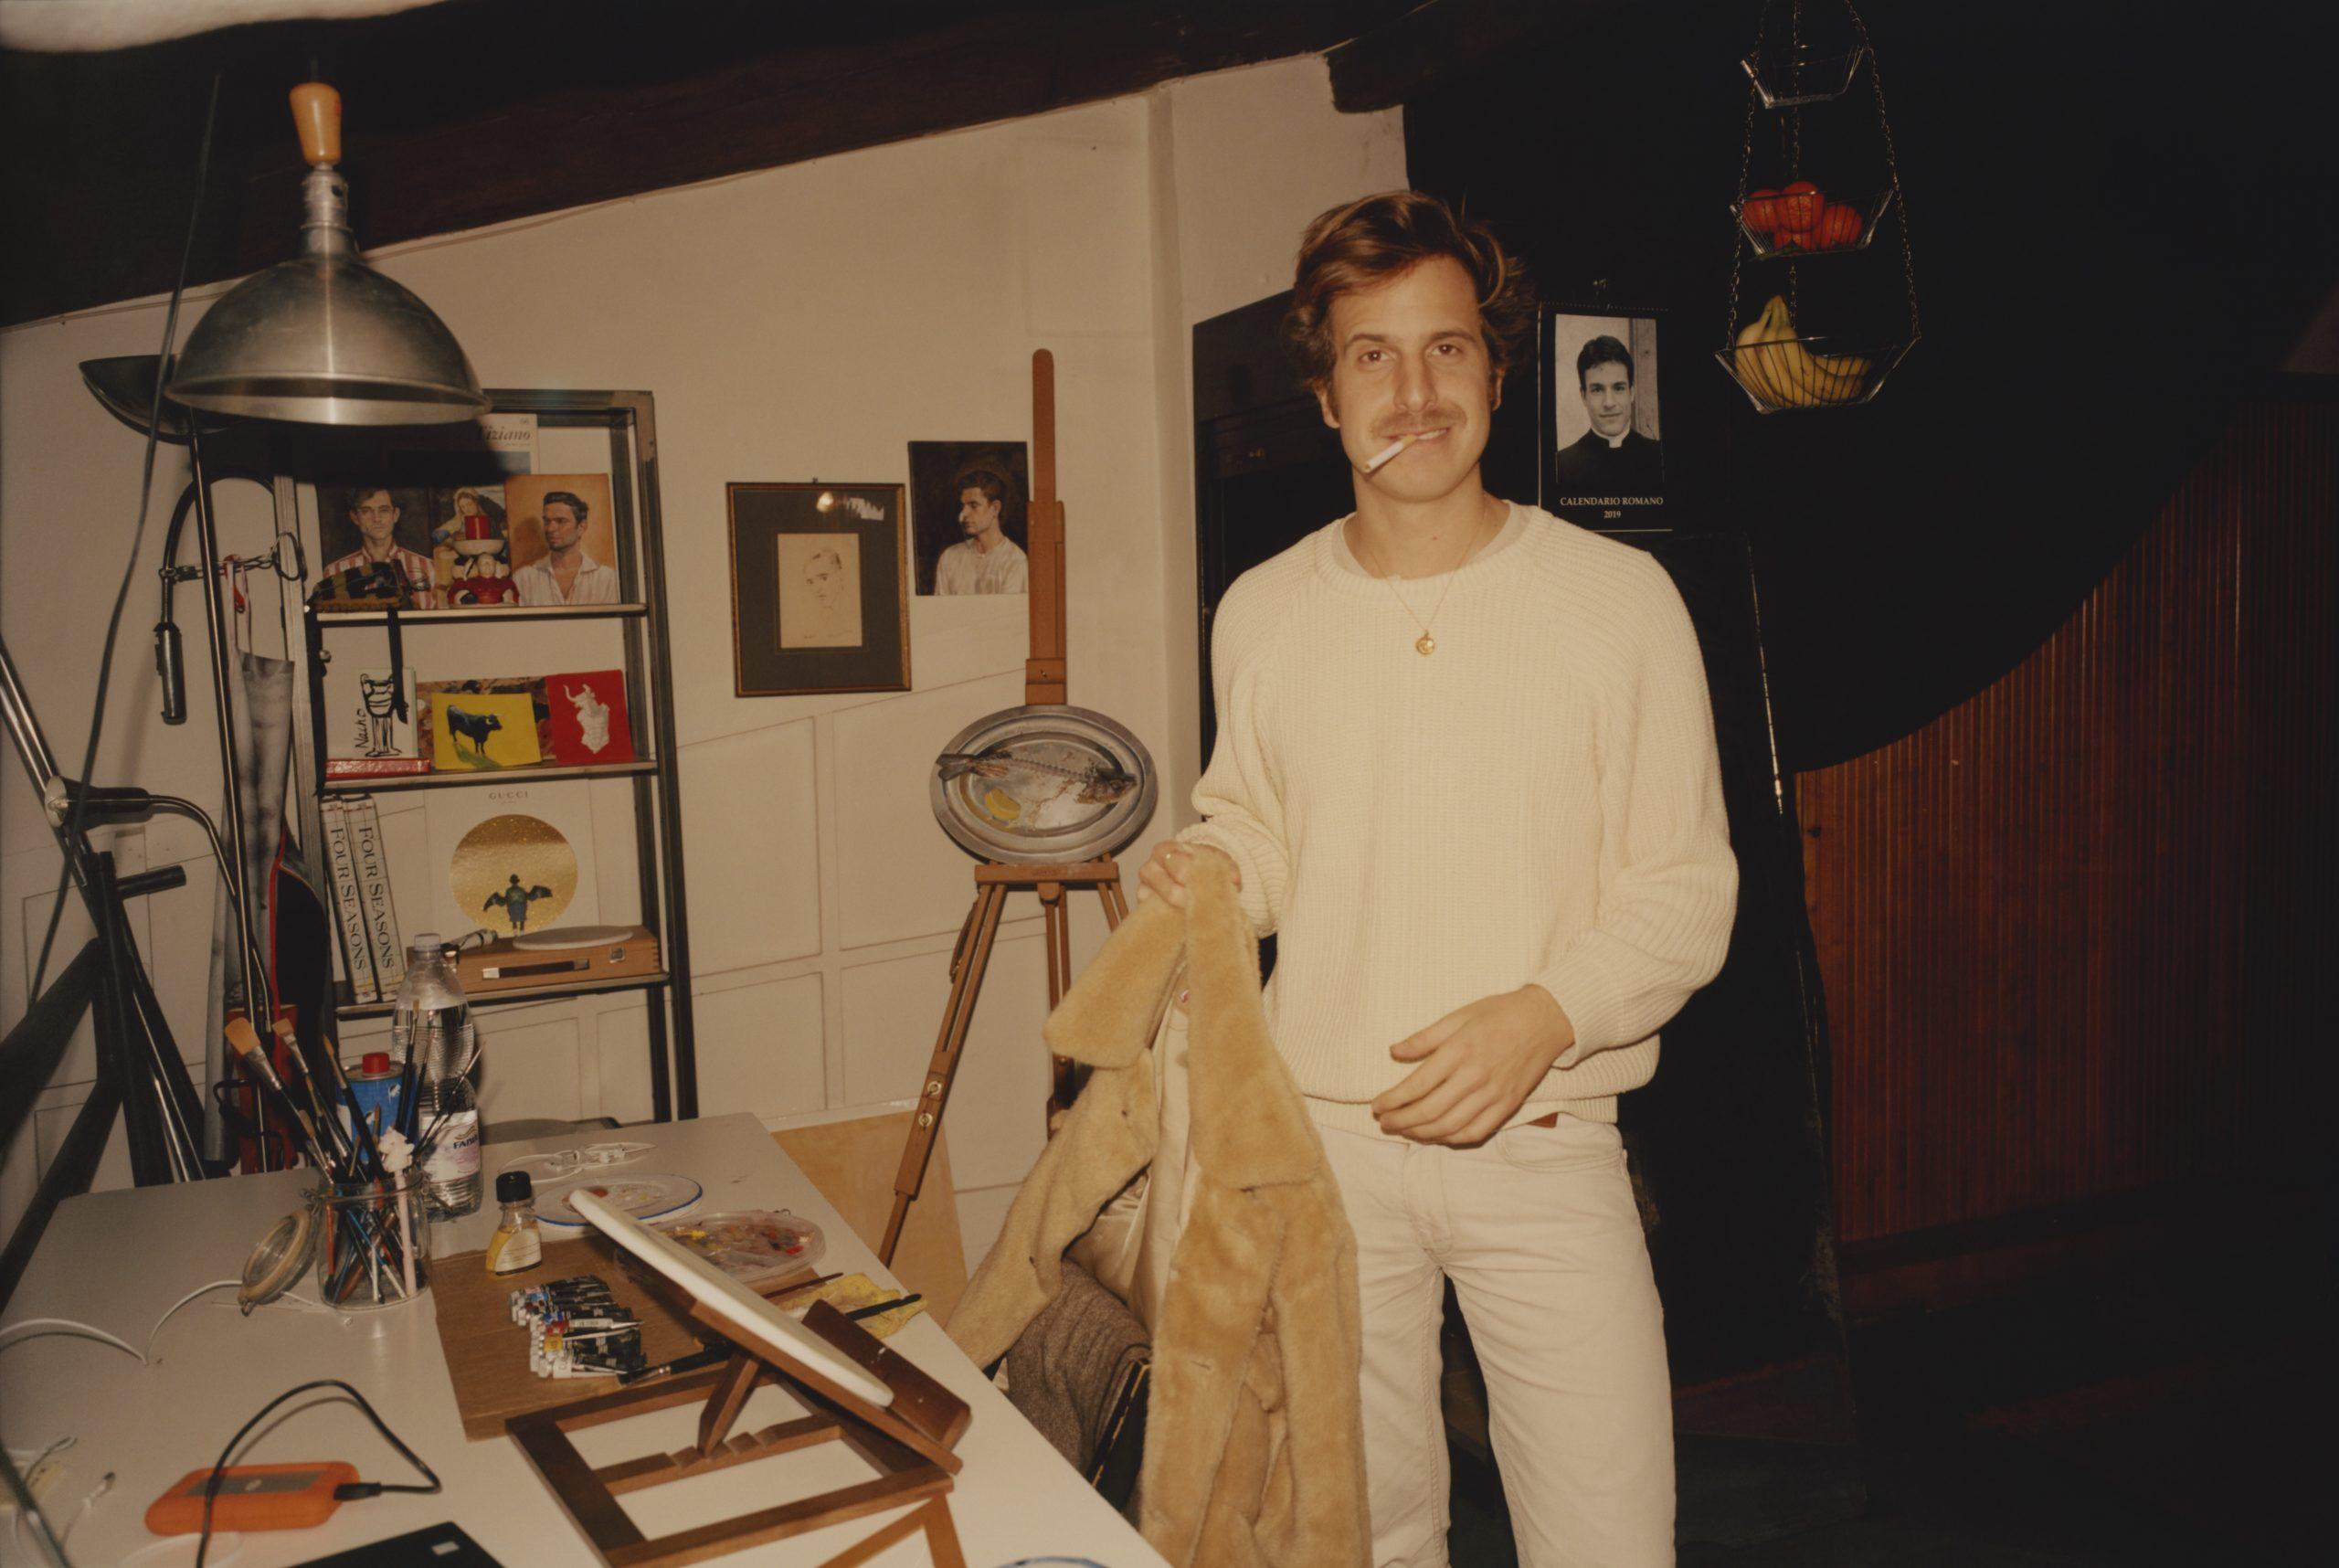 Ignasi Monreal en su estudio / Foto: Ignasi Monreal